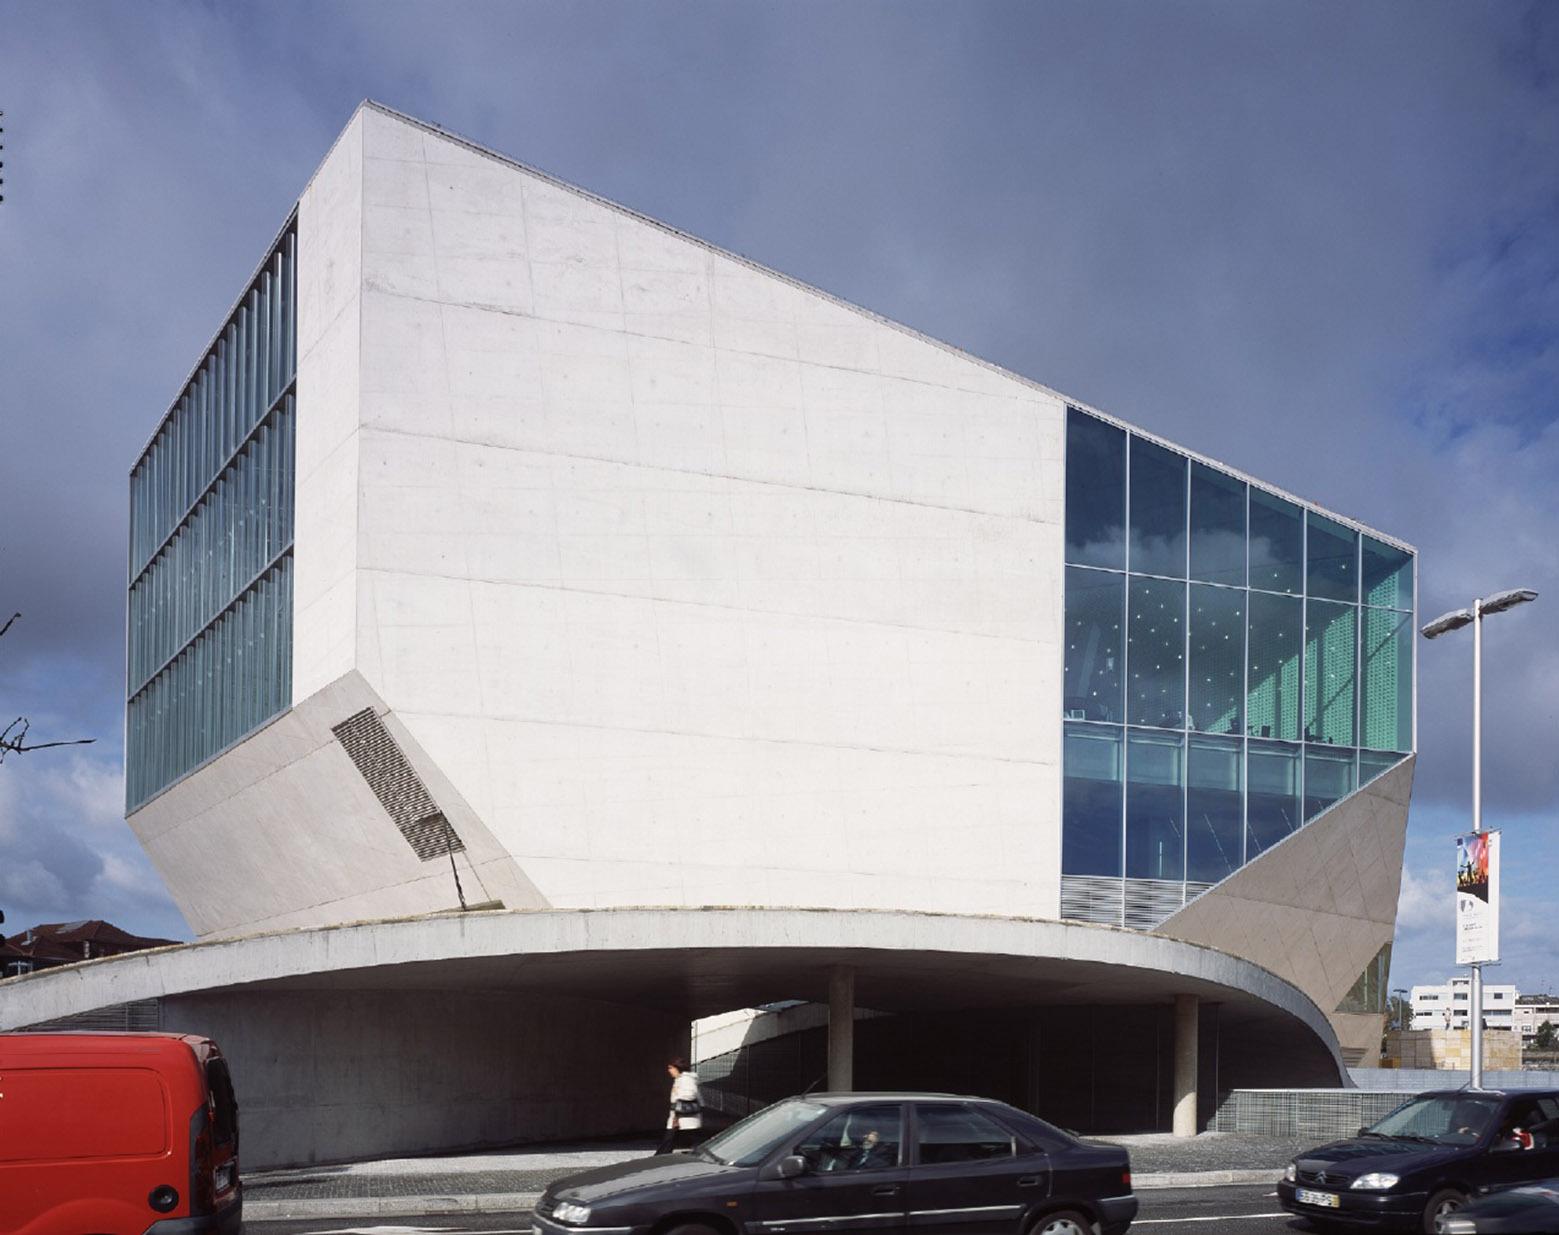 Casa da Musica / OMA (36)